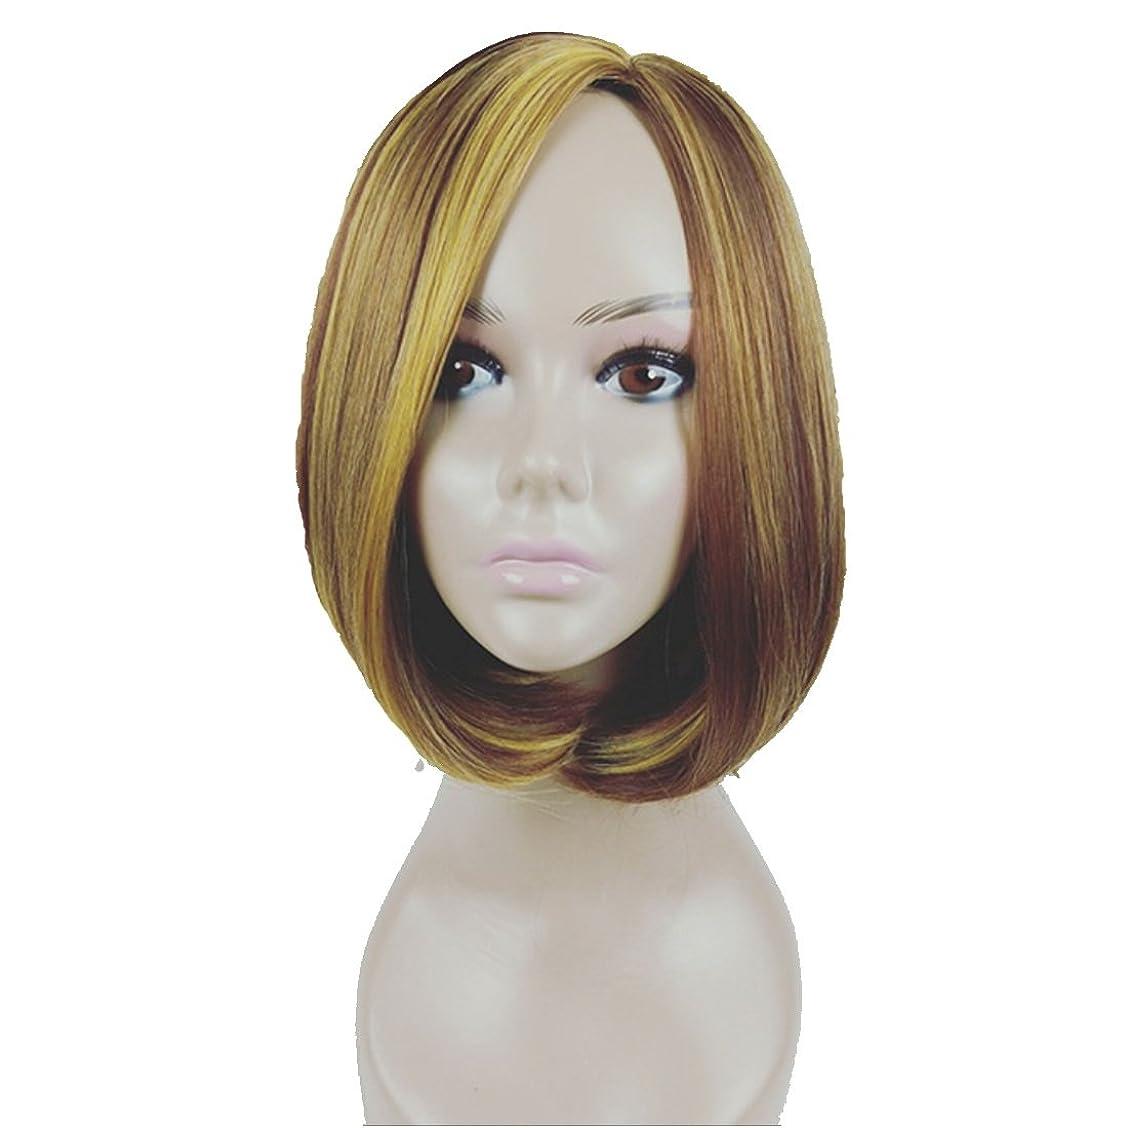 毒勤勉作物JIANFU 女性のための短いストレートウィッグスプリットバンズウィッグと人間の髪ボブの頭の中で自然な長いウェーブのかつらを見てパーティーのウィッグ (Color : Black gold)